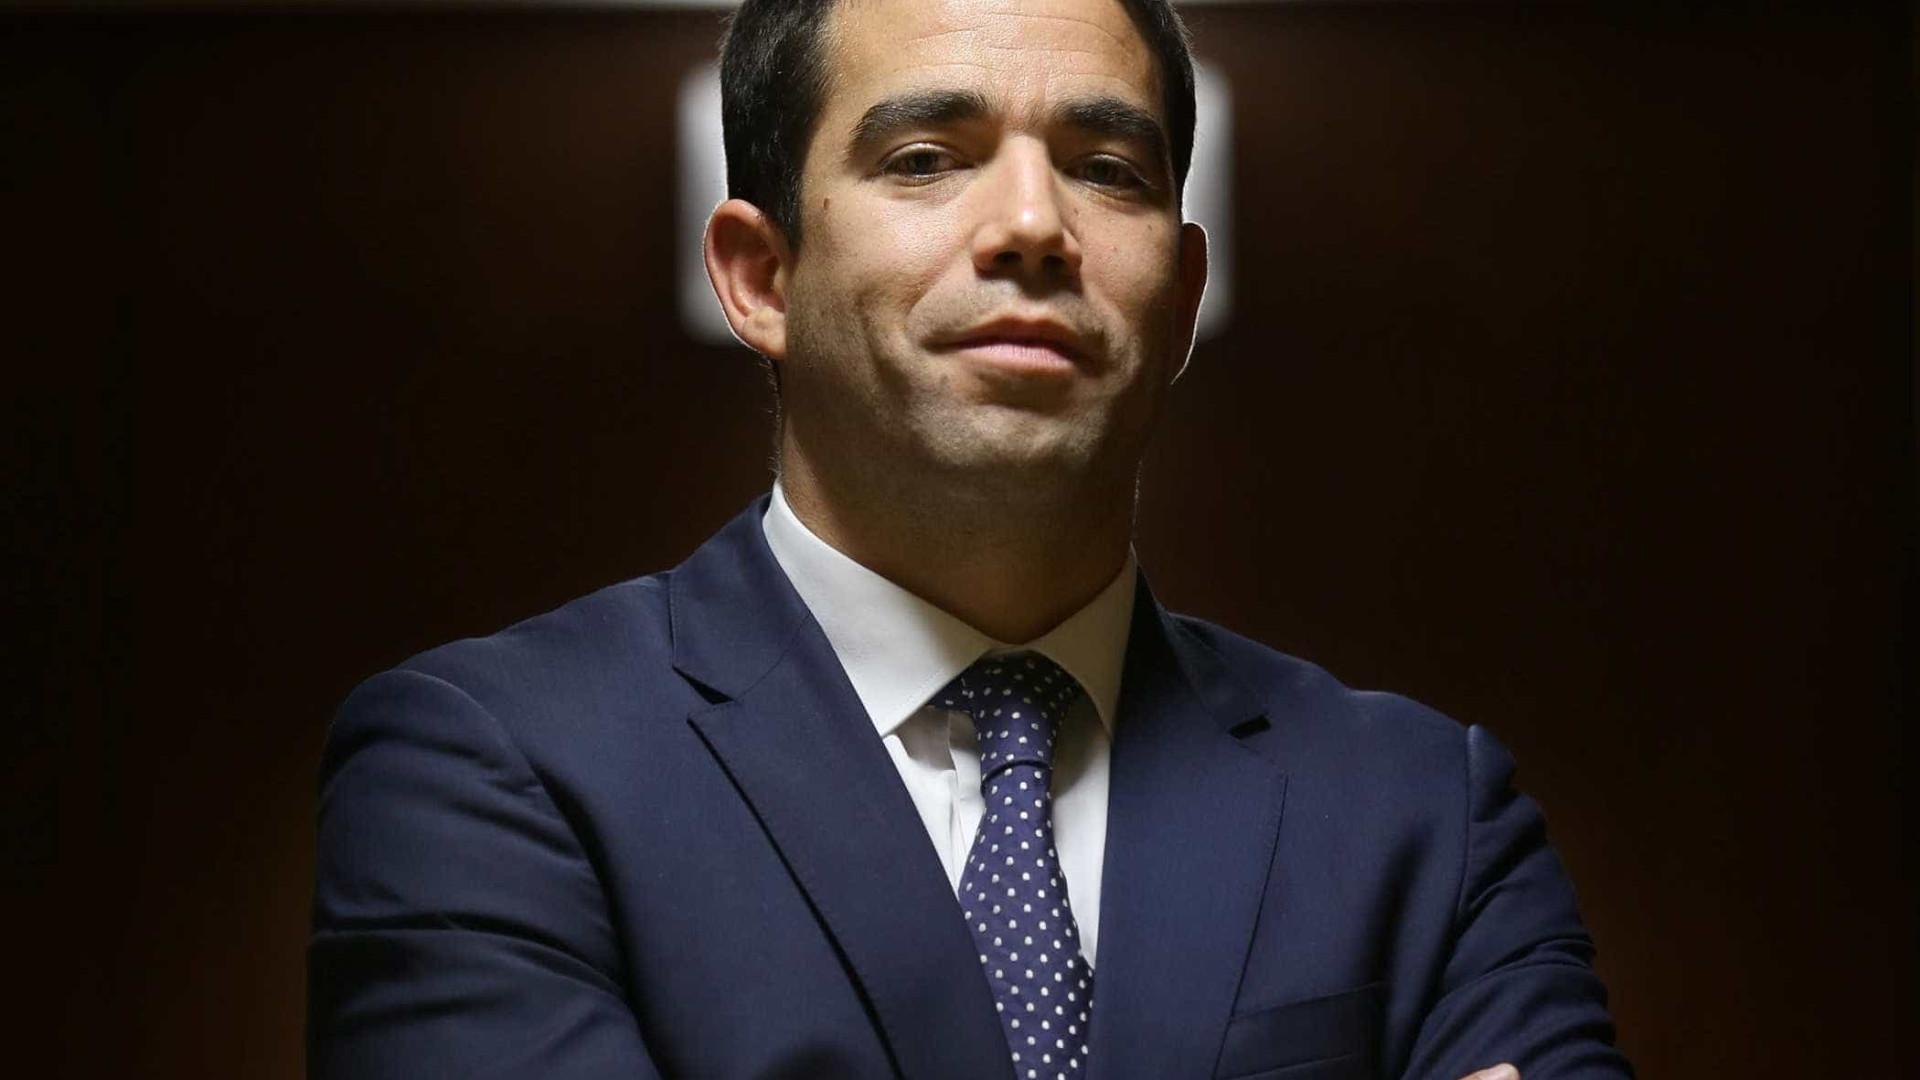 PSD estranha operação de créditos fiscais no Montepio